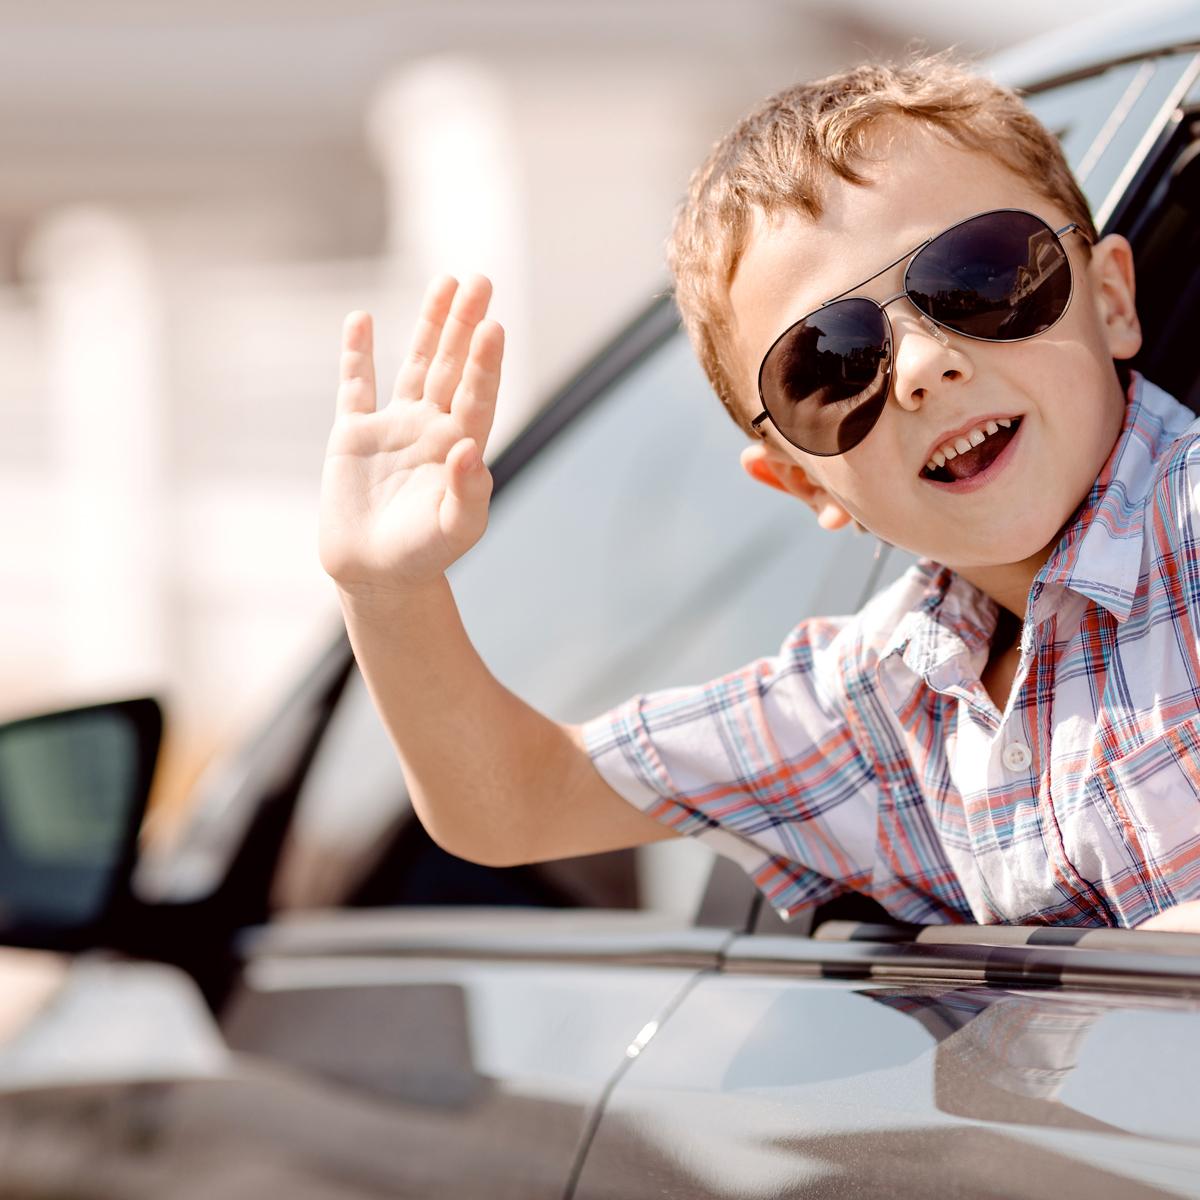 indicatore auto carburante con scritto, risparmia il 30%